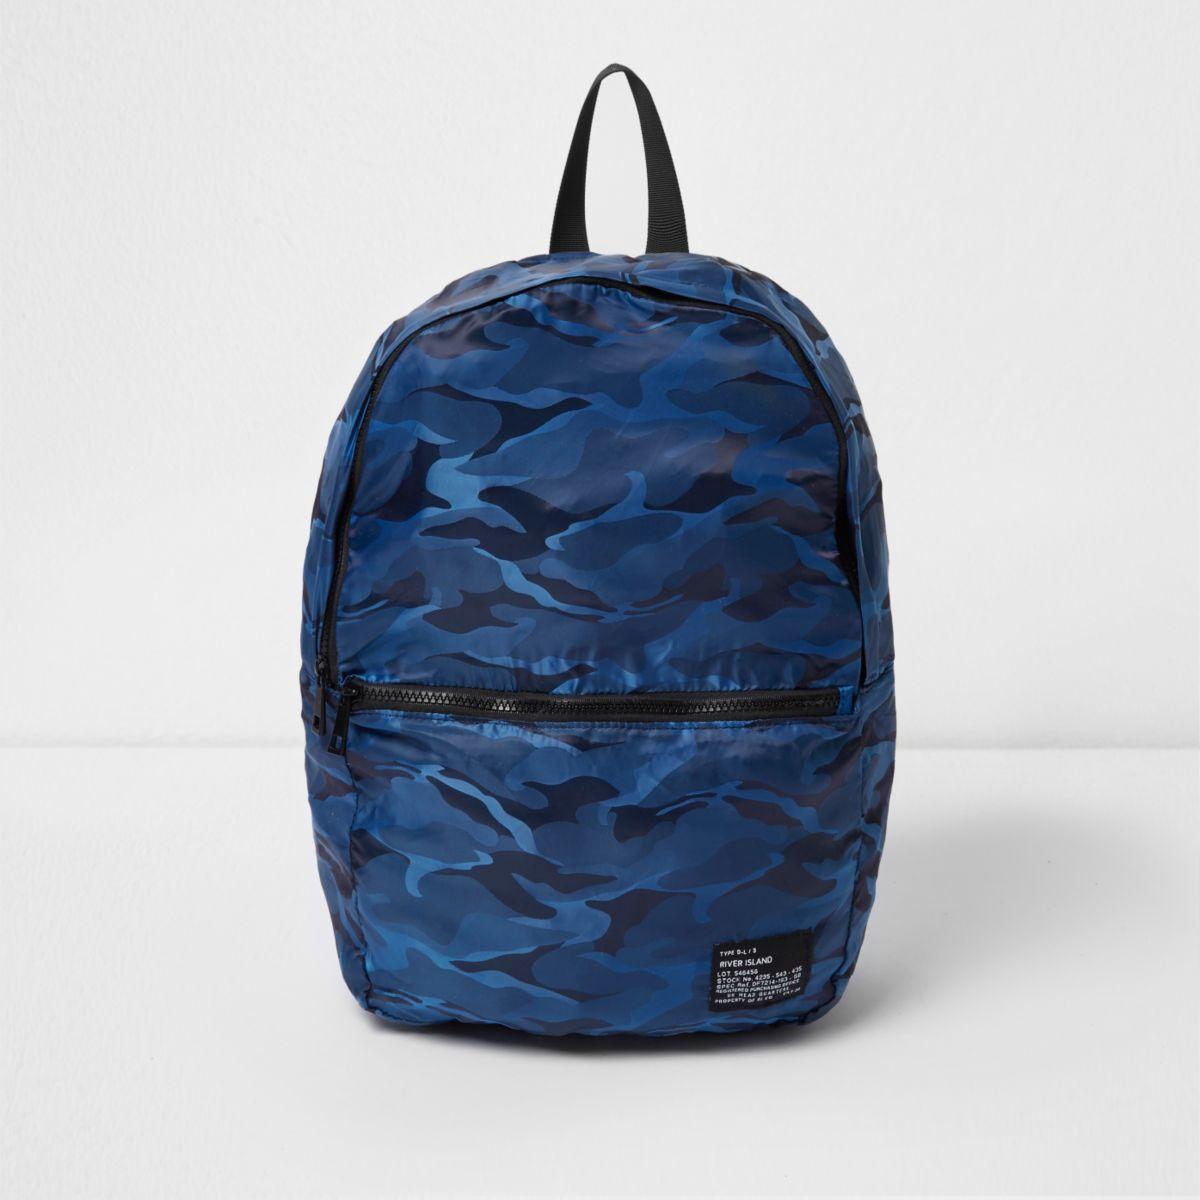 Sac à dos pliable bleu imprimé camouflage